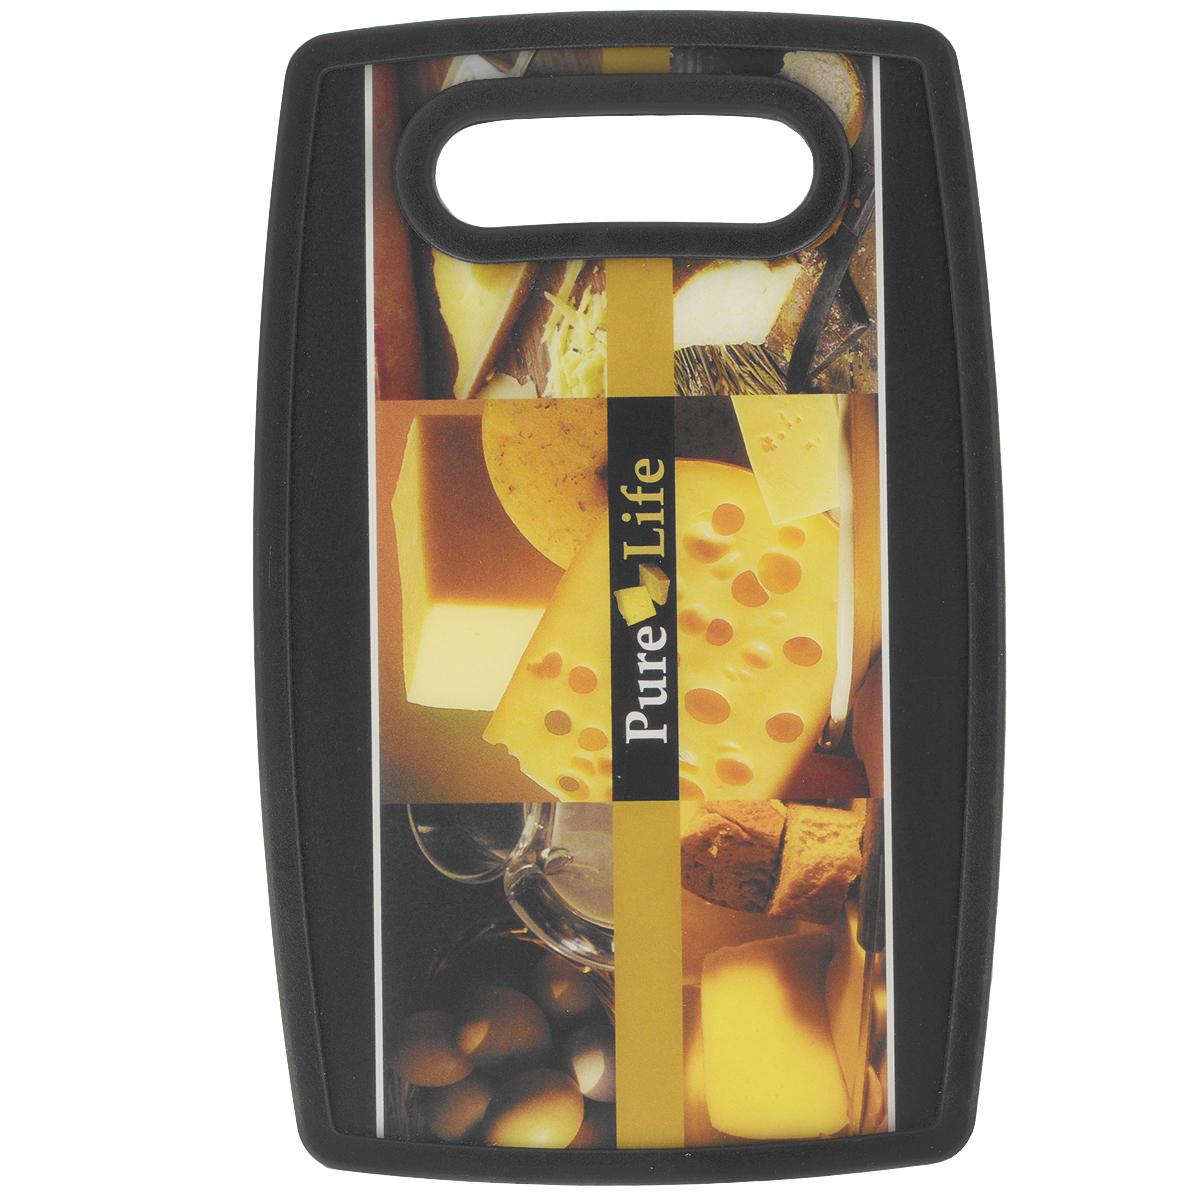 Доска разделочная LaraCook Сыр, 16 см х 25 смLC-1123Доска разделочная LaraCook Сыр, изготовленная из устойчивого к истиранию пластика, займет достойное место среди аксессуаров на вашей кухне. С одной стороны доска имеет однотонное бамбуковое покрытие, а с другой декорирована изображением сыра.Доска имеет высокий коэффициент жесткости и прекрасно подойдет для нарезки любых продуктов. Устойчива к деформации и высоким температурам.